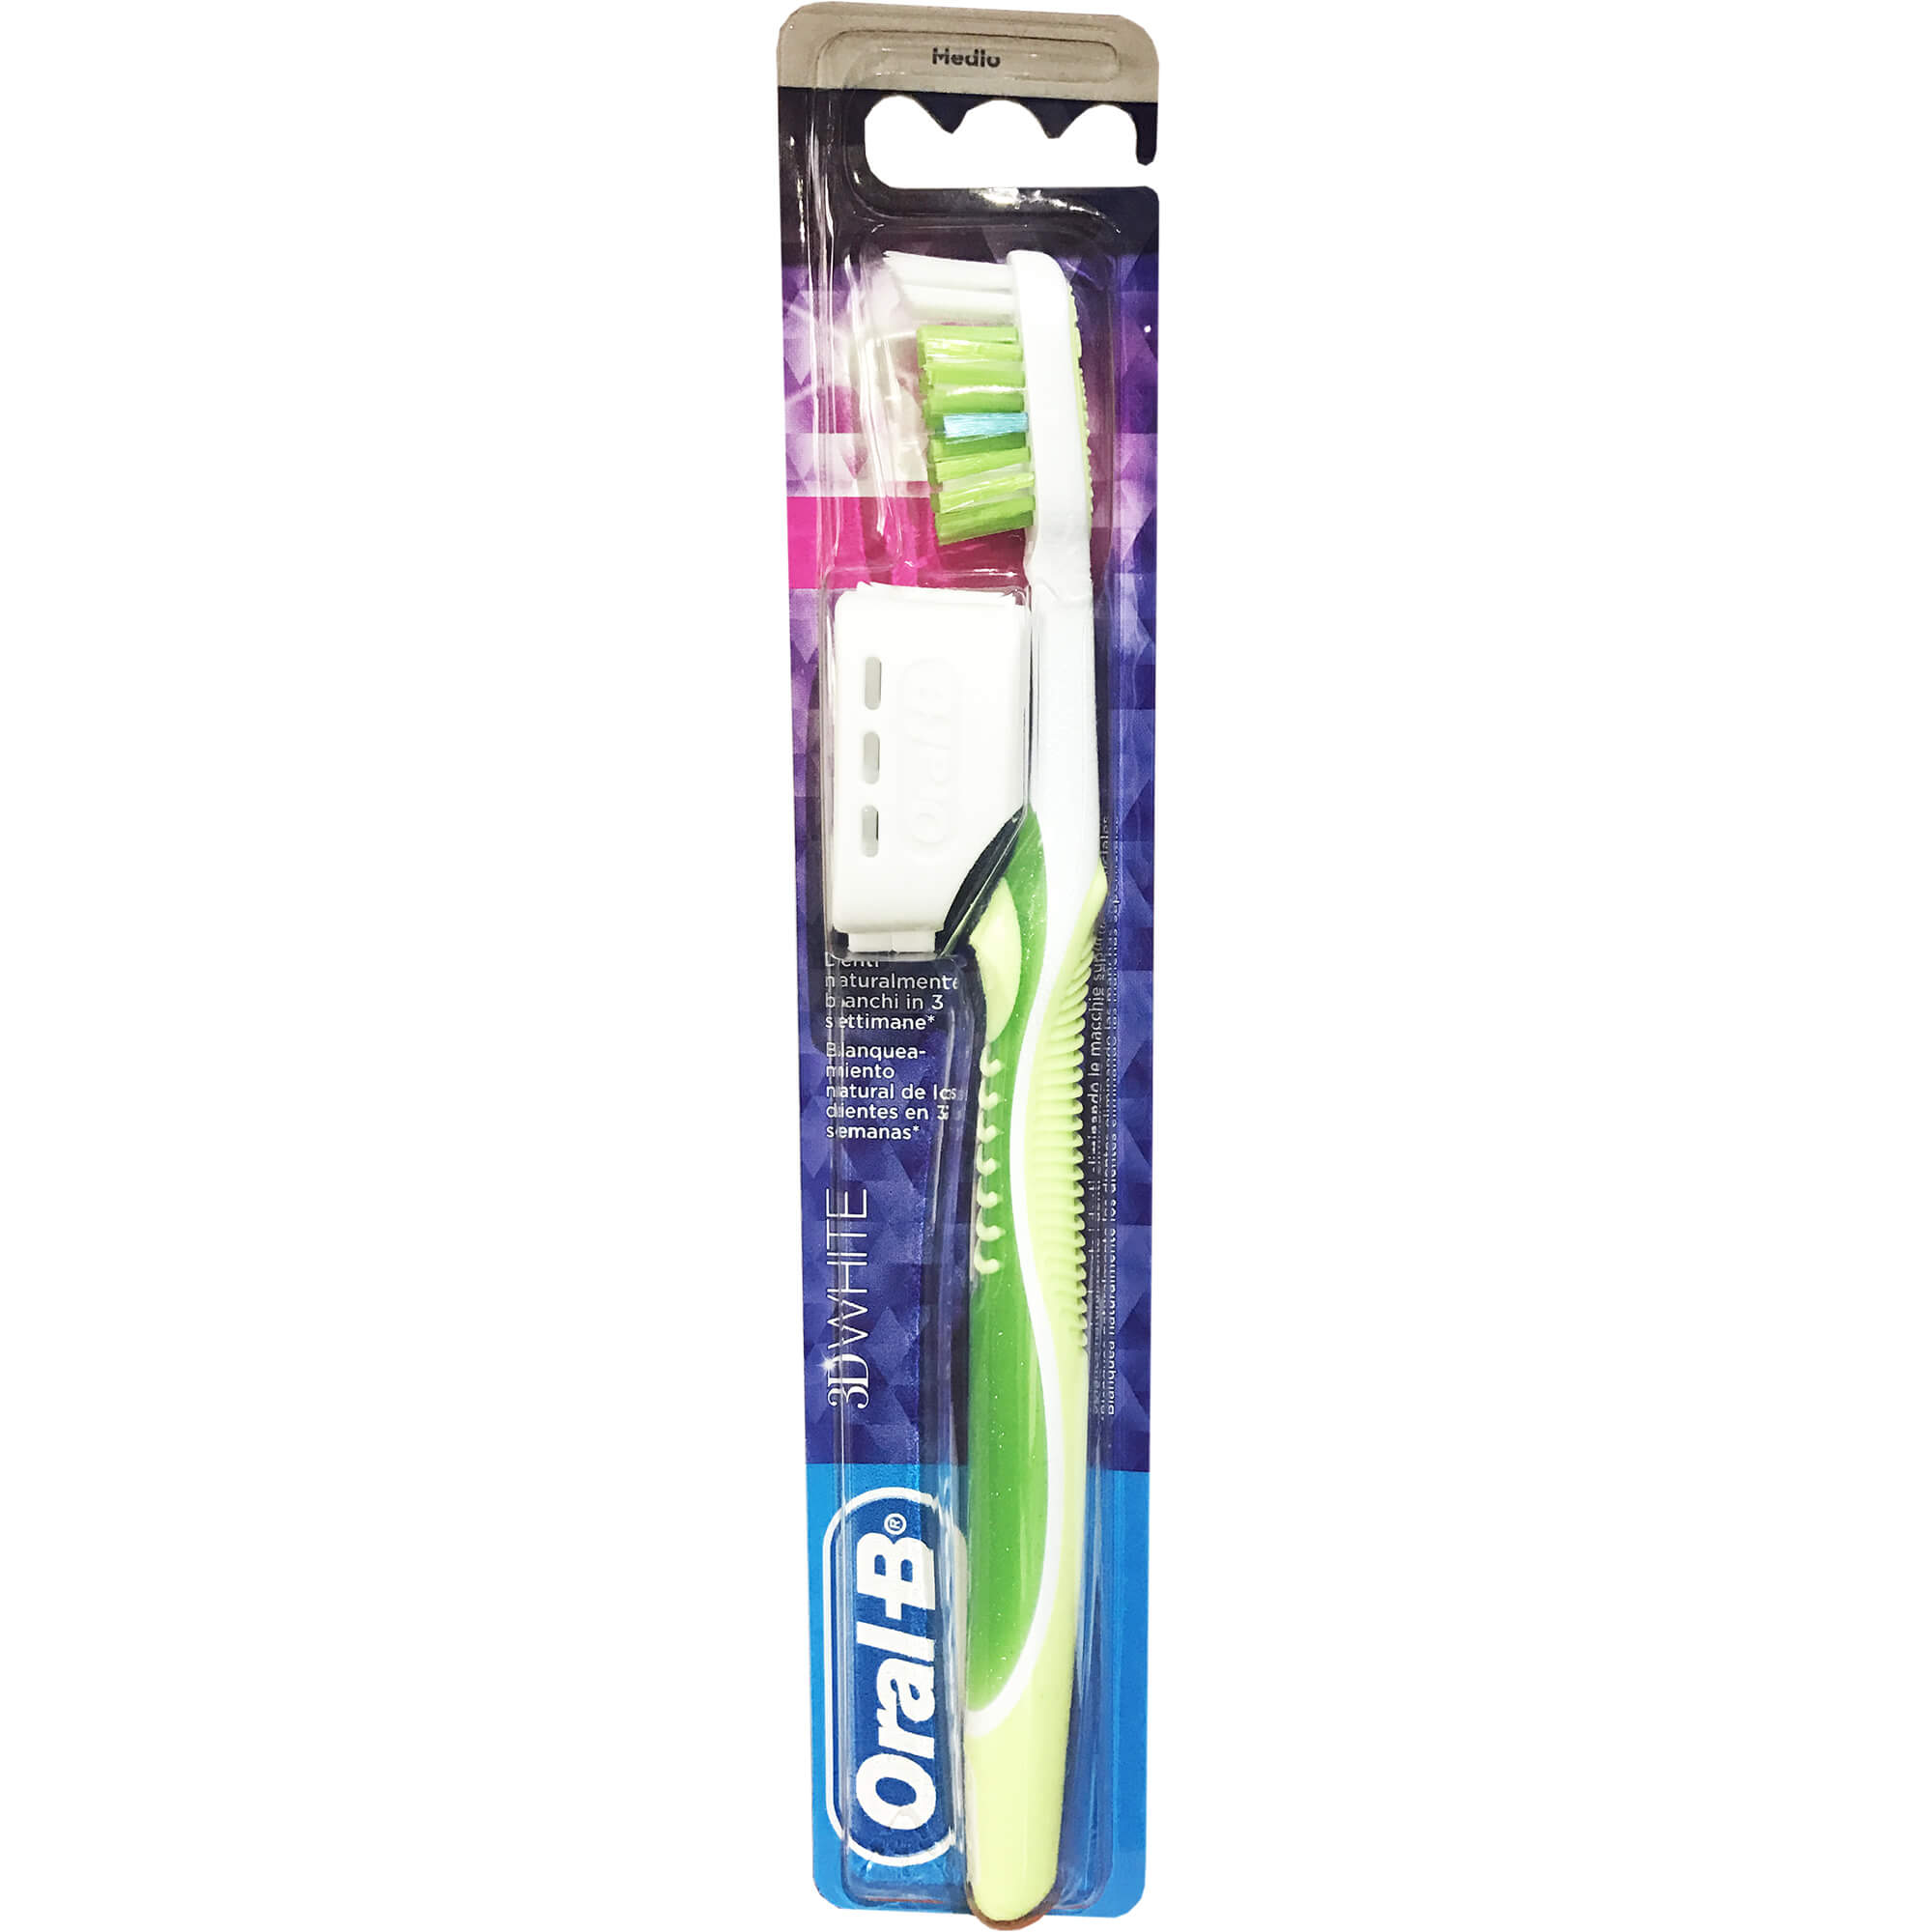 Oral-B 3D White Clean Οδοντόβουρτσα που Βοηθάει στην Απομάκρυνση των Επιφανειακών Λεκέδων Medium 1 τεμάχιο – πράσινο